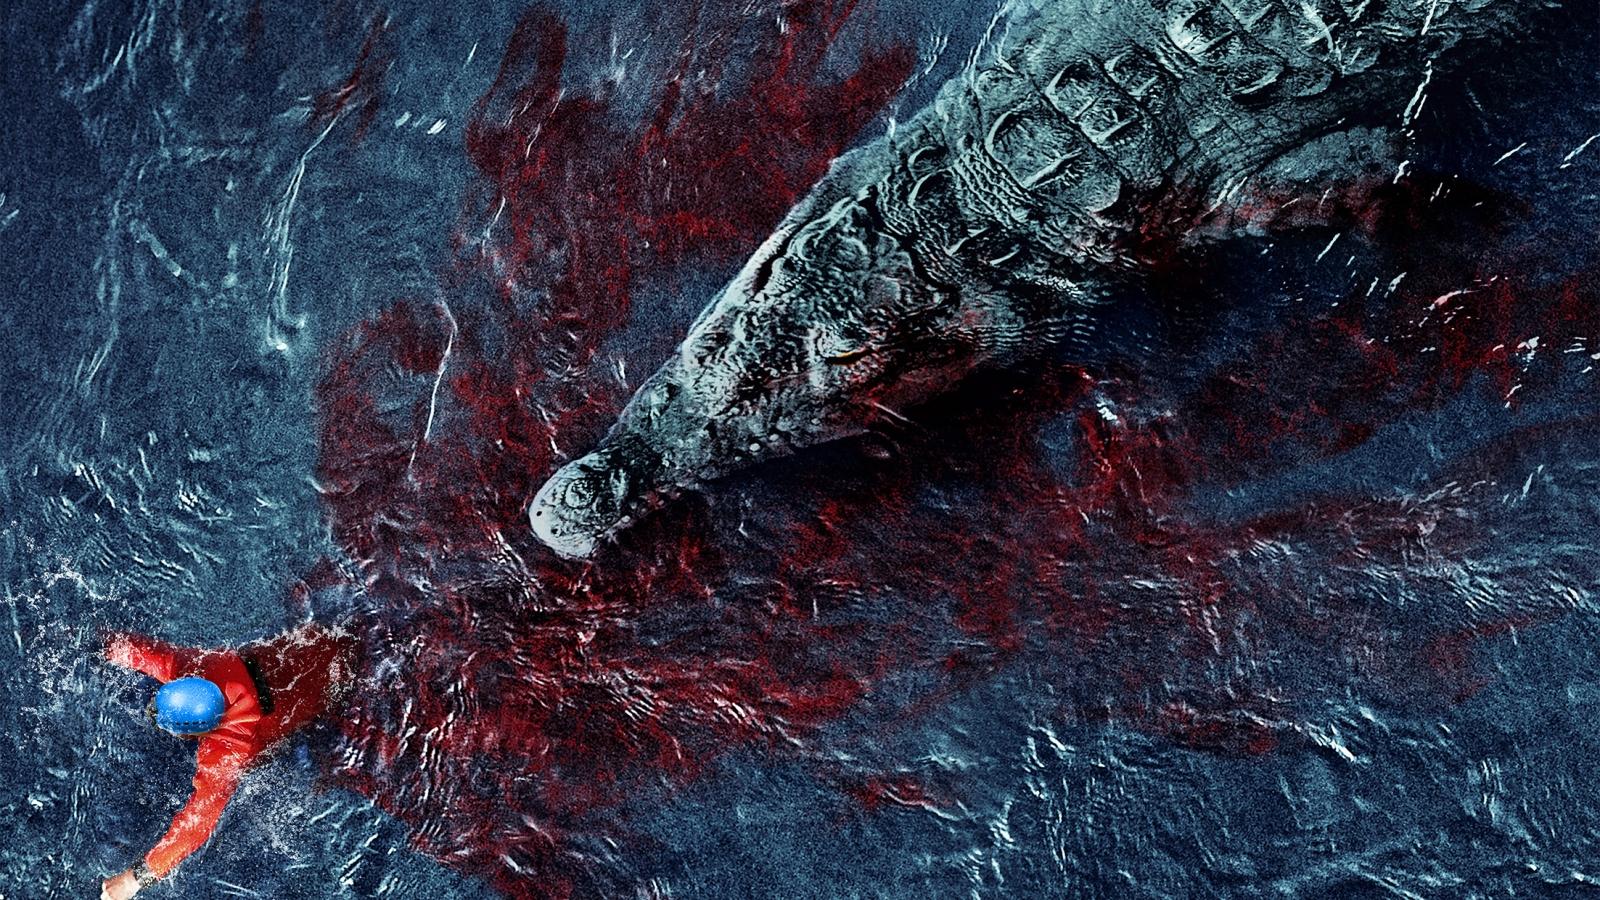 Những mỹ nhân nổi tiếng từng làm mồi cho cá sấu trên phim